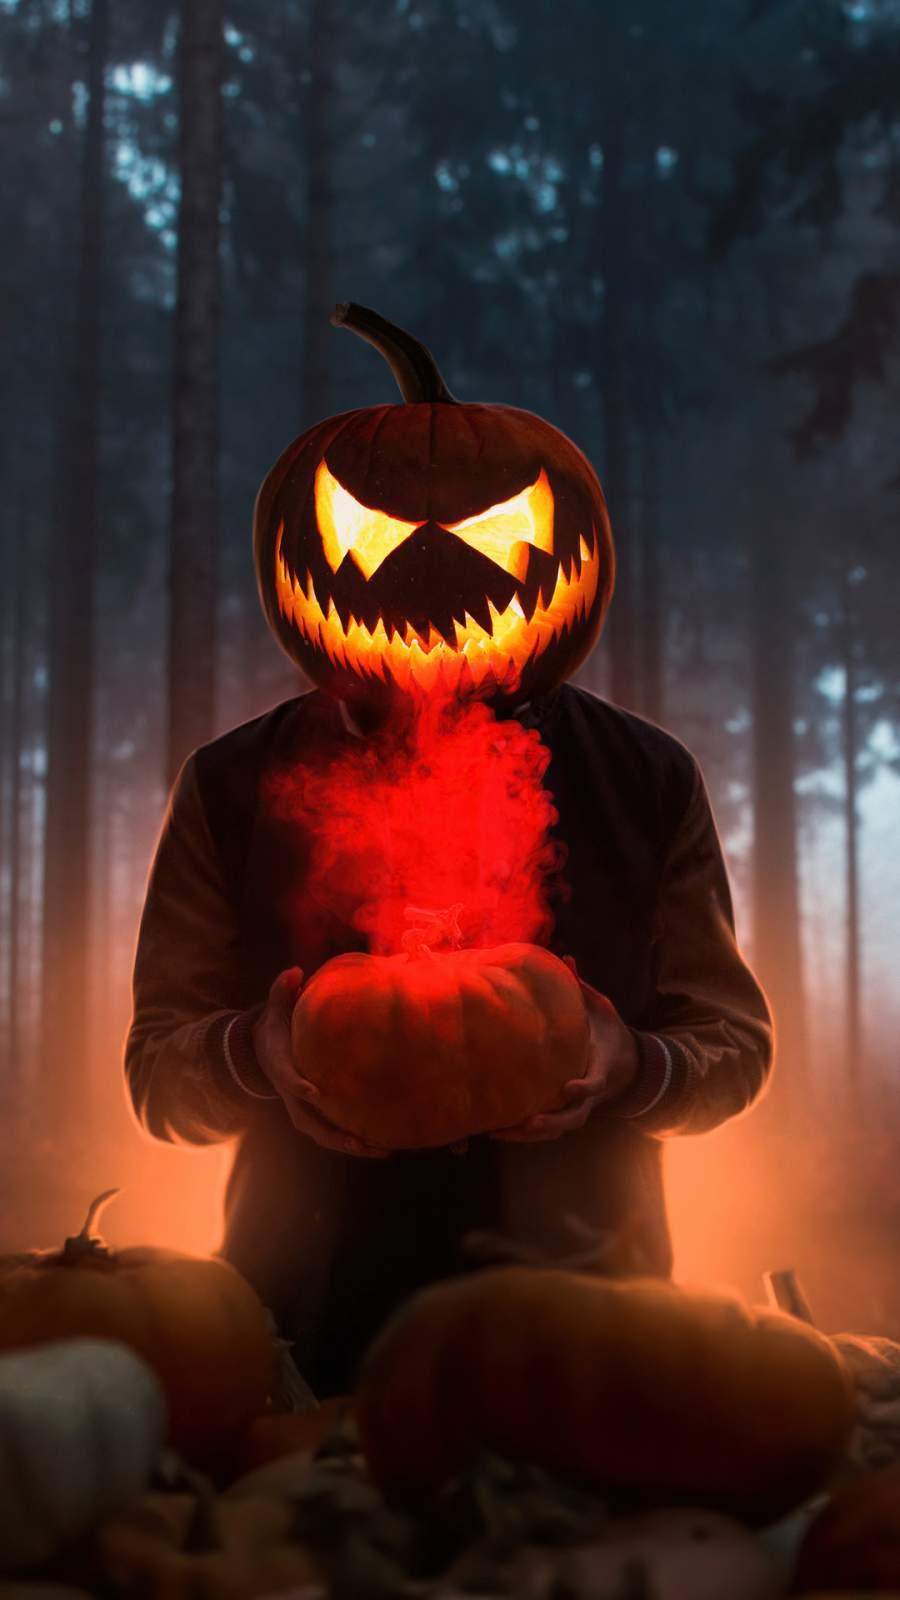 Halloween Glowing Mask